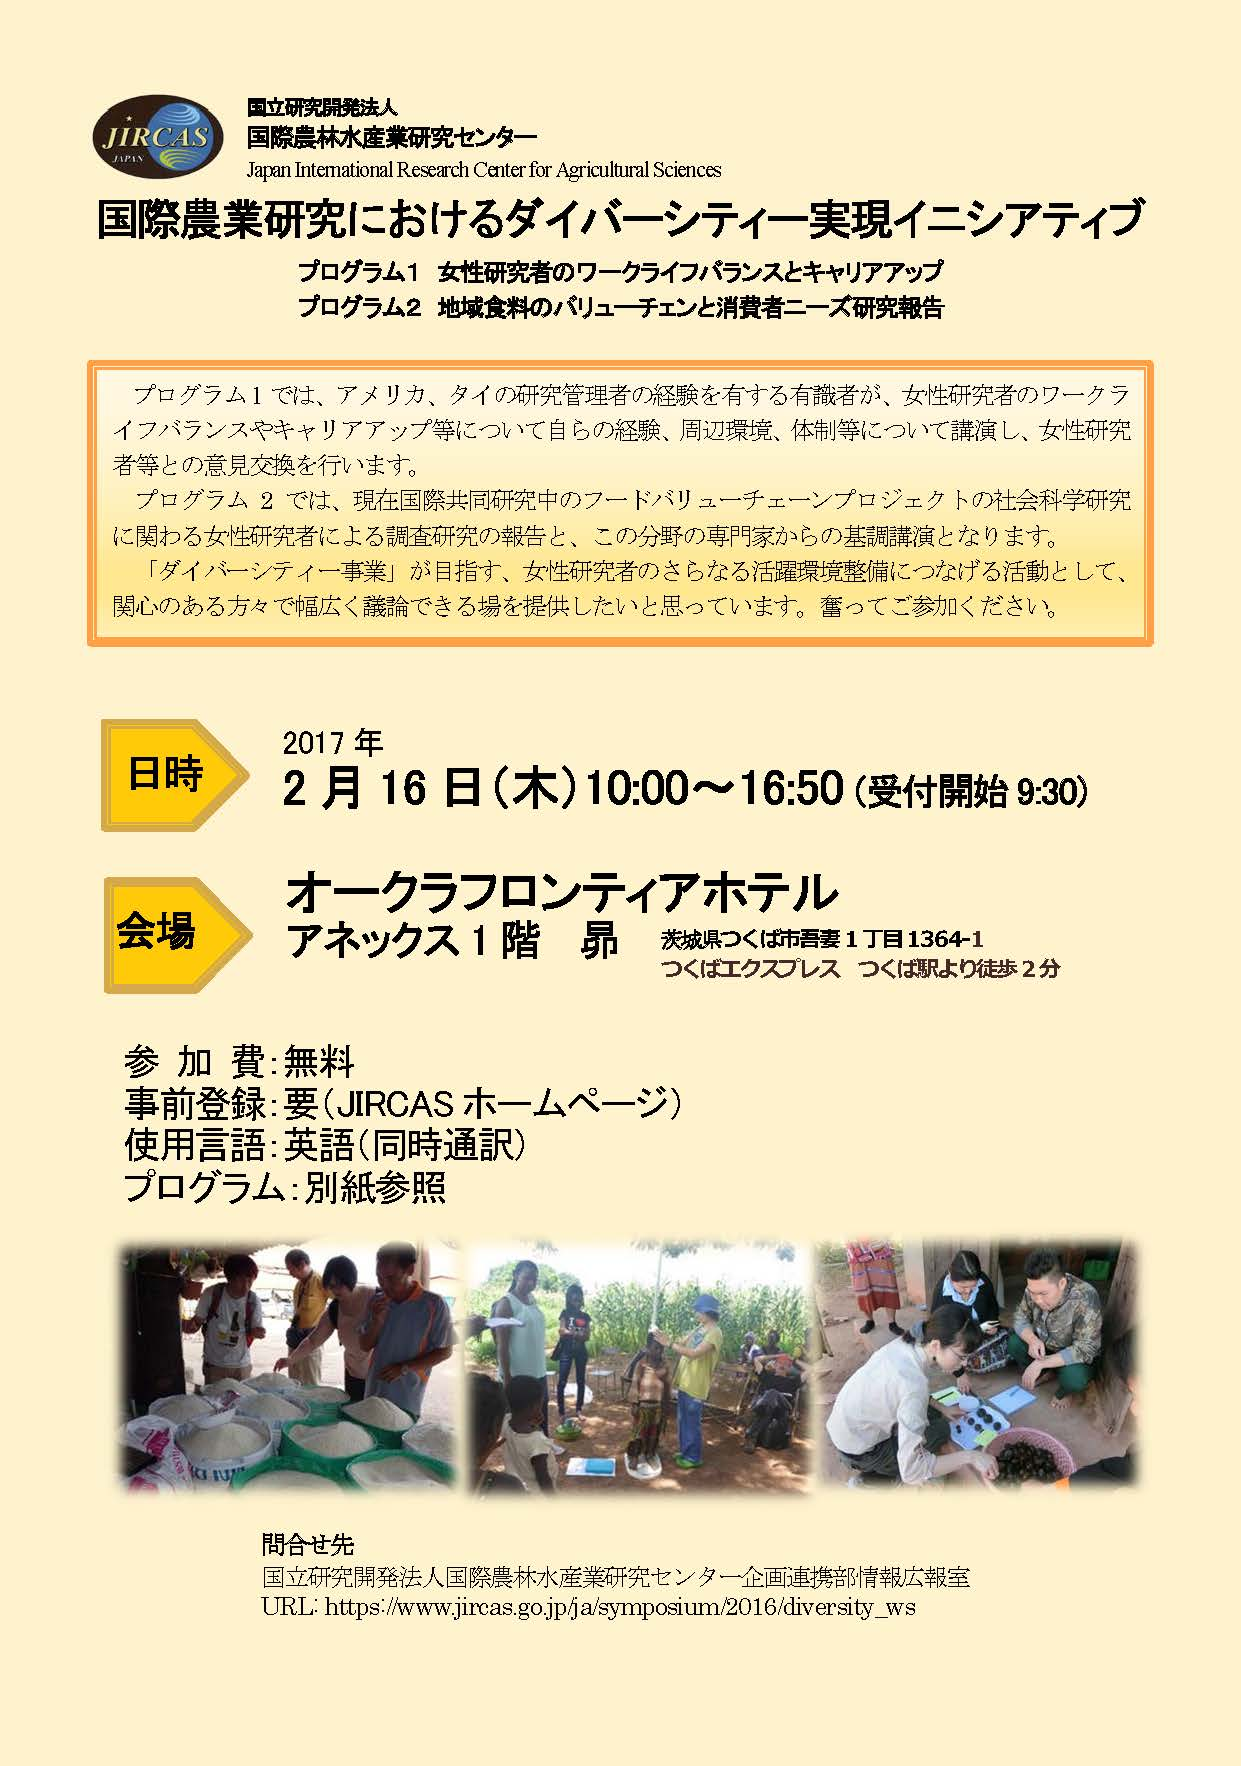 国際農業研究におけるダイバーシティー実現イニシアティブ ポスター